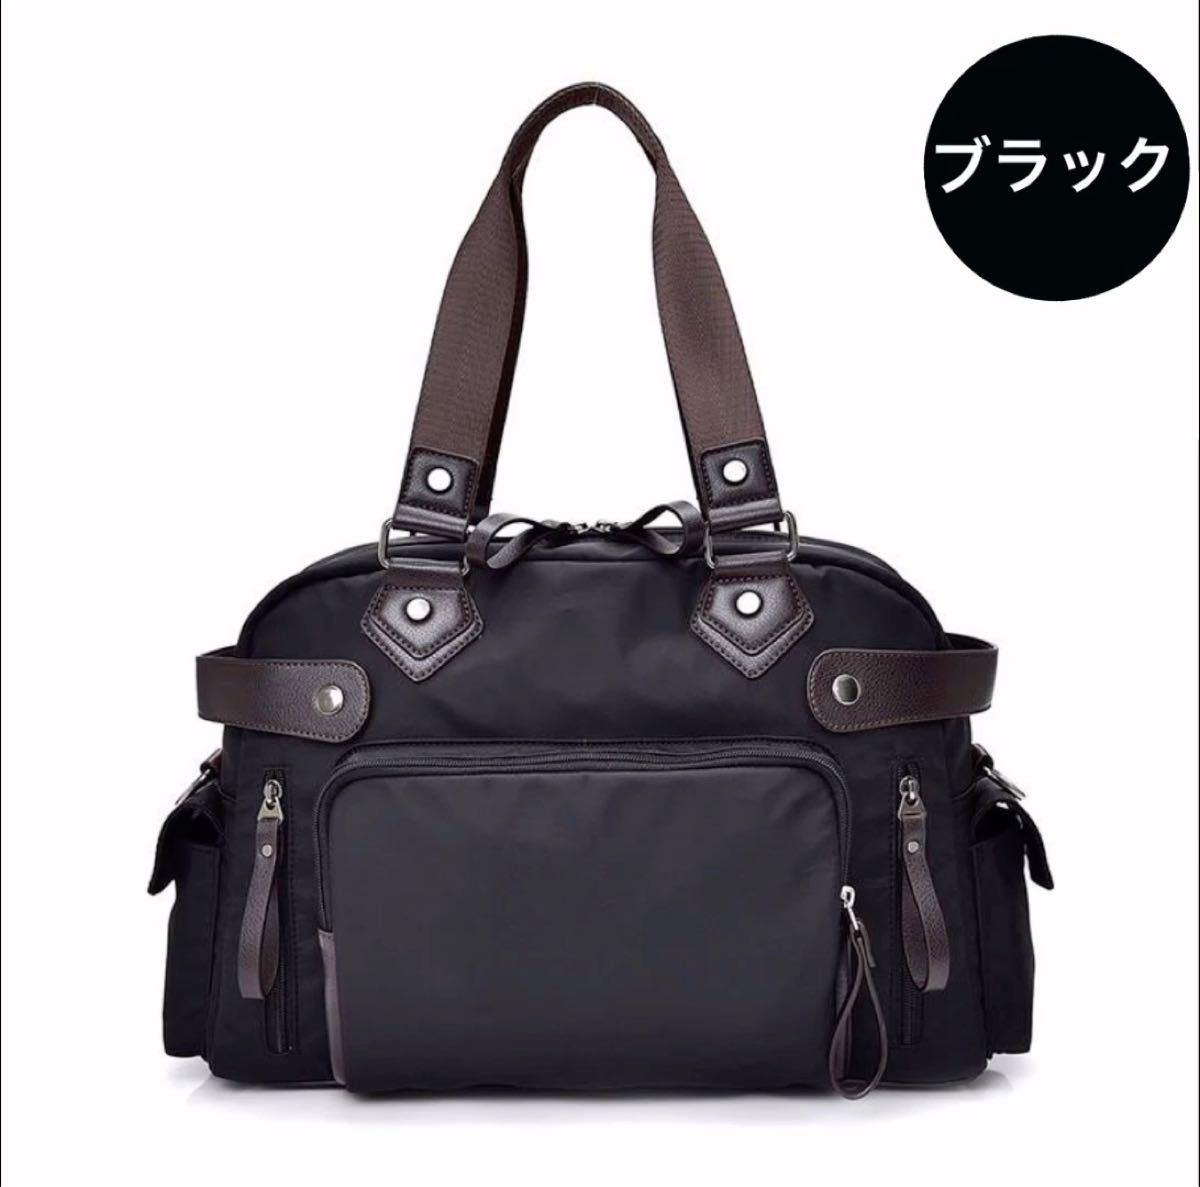 トートバッグ ショルダーバッグ 男女兼用 大容量 高品質 ブラック 斜め掛けバッグ